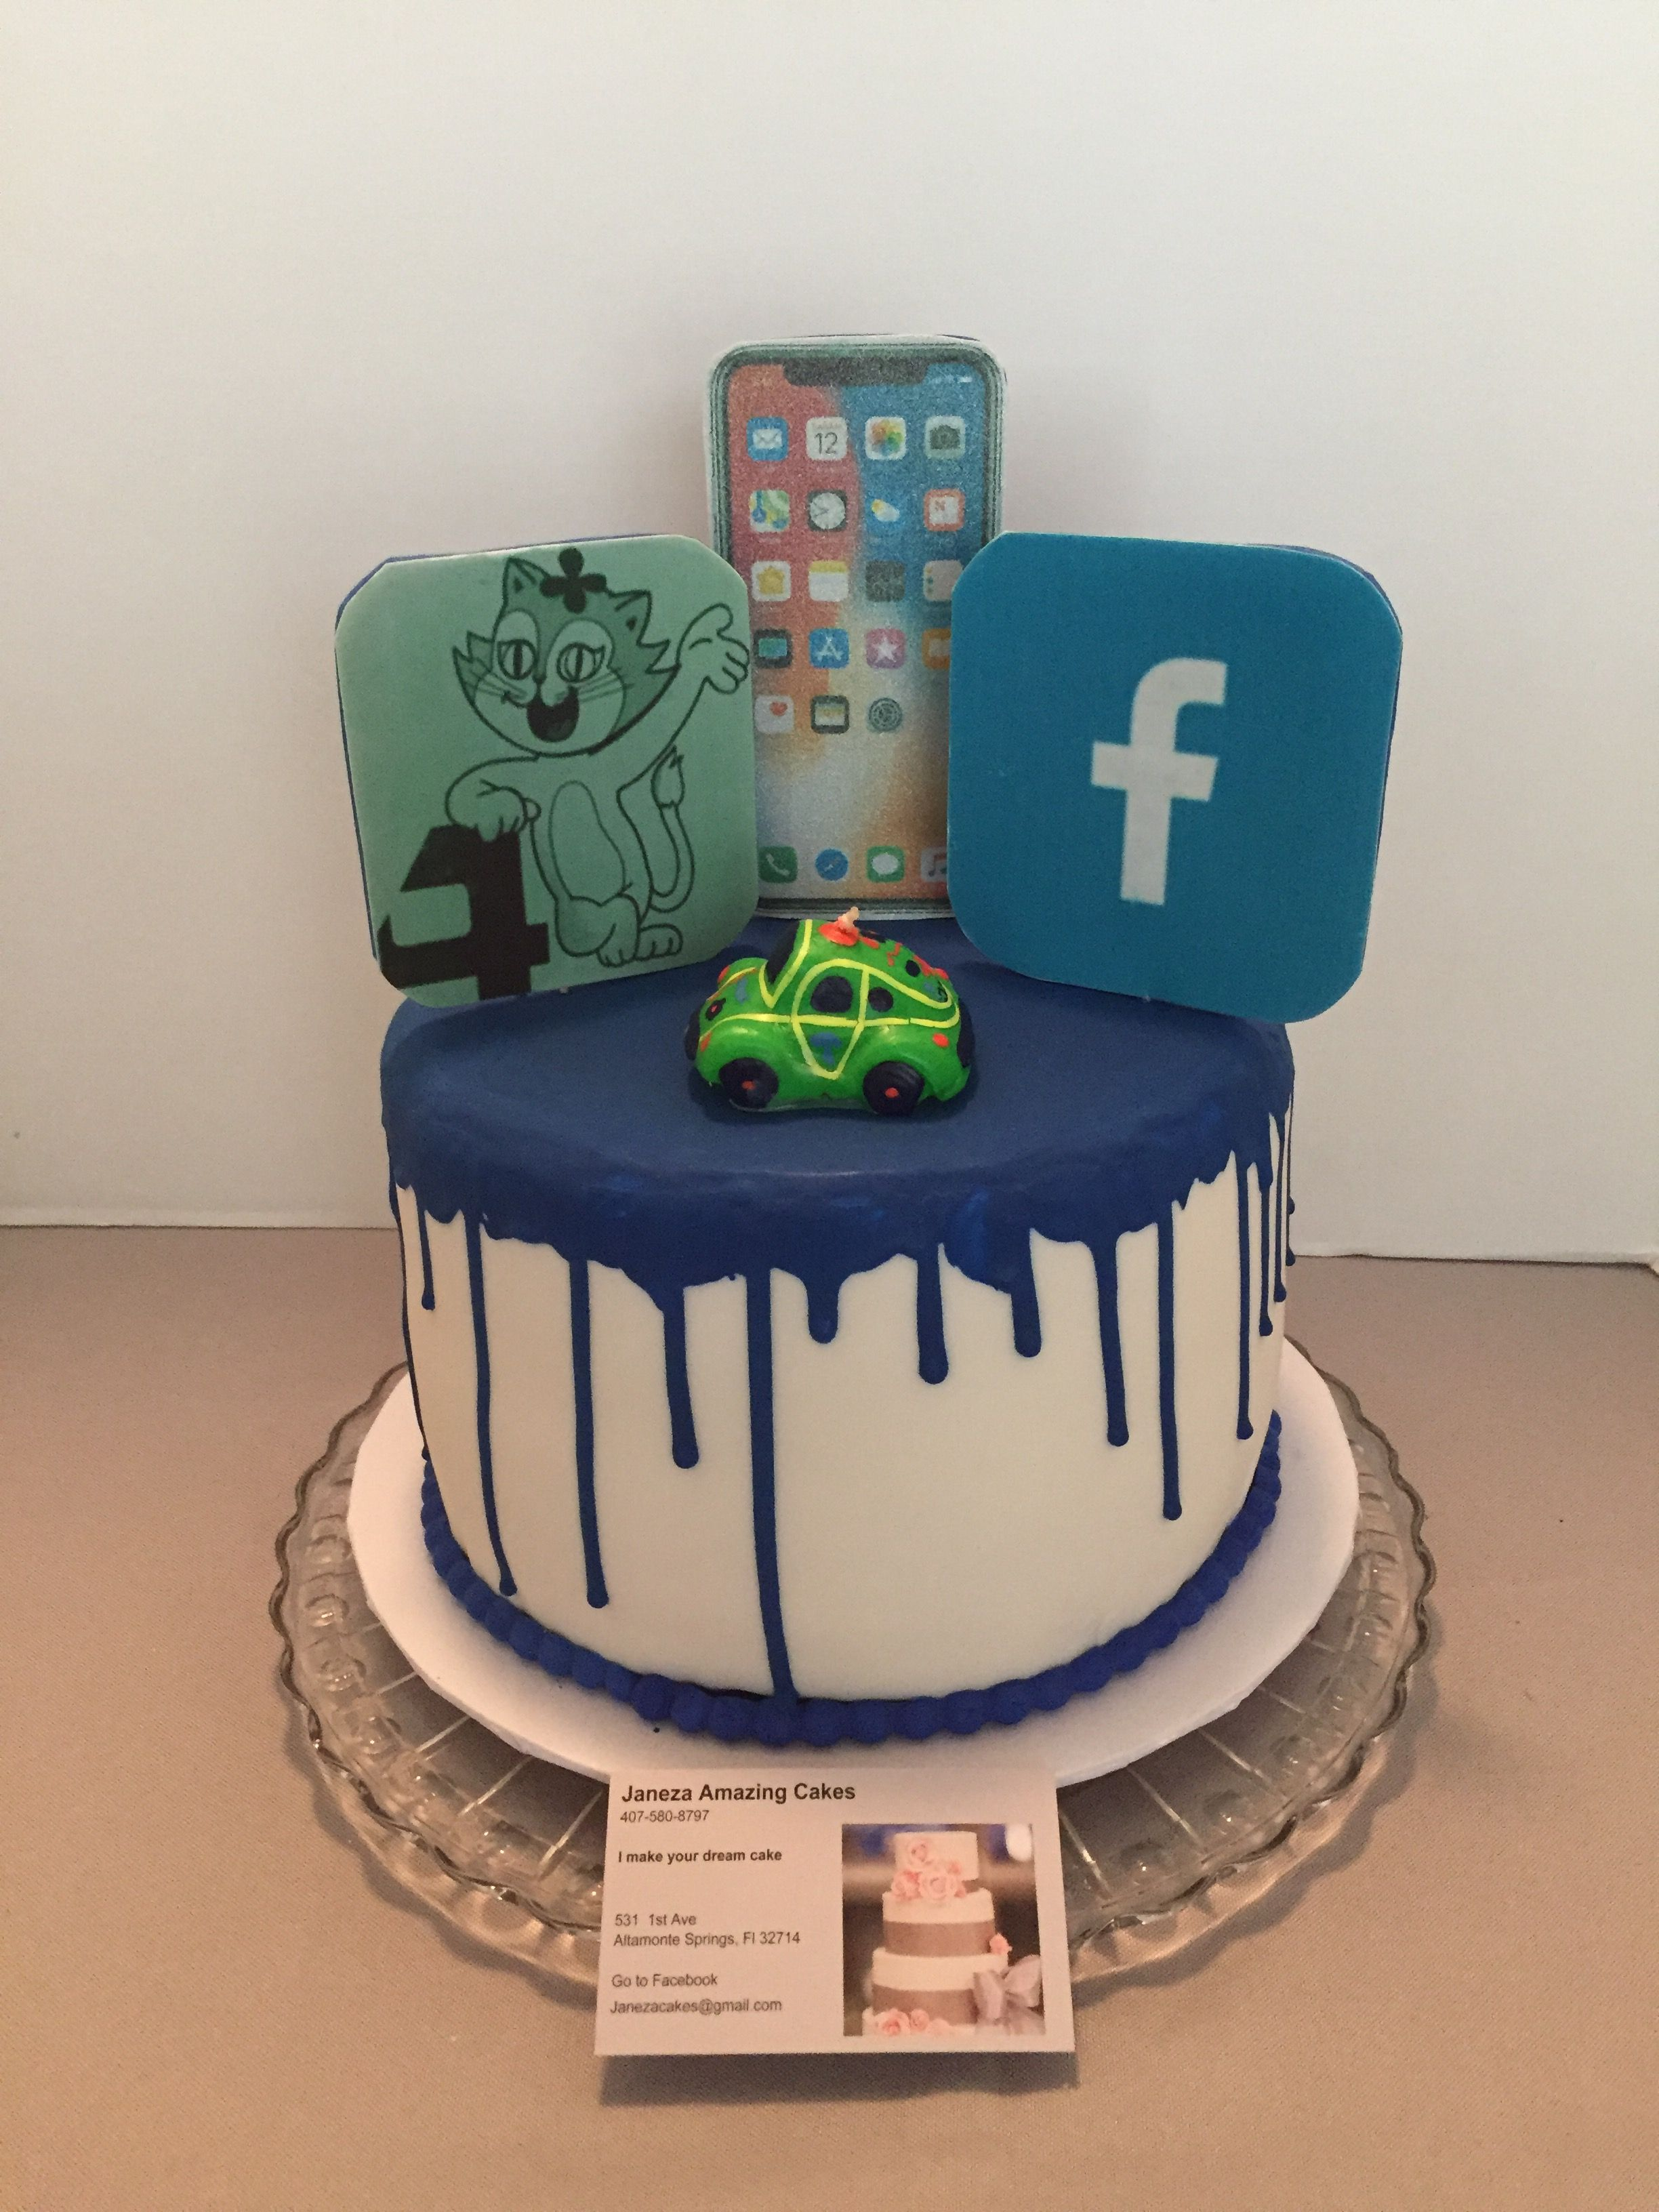 Surprising Apps Cake With Images Cake Amazing Cakes Birthday Cake Kids Personalised Birthday Cards Xaembasilily Jamesorg